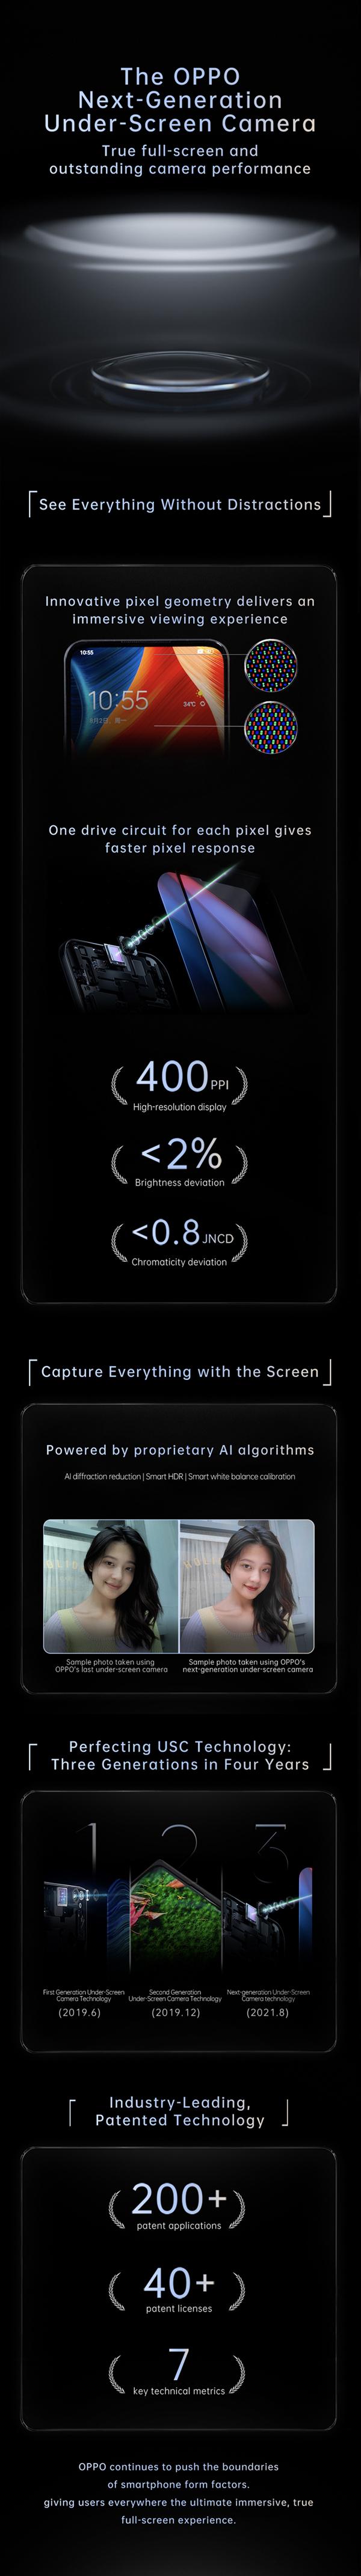 Oppo dévoile sa nouvelle technologie de caméra sous-écran